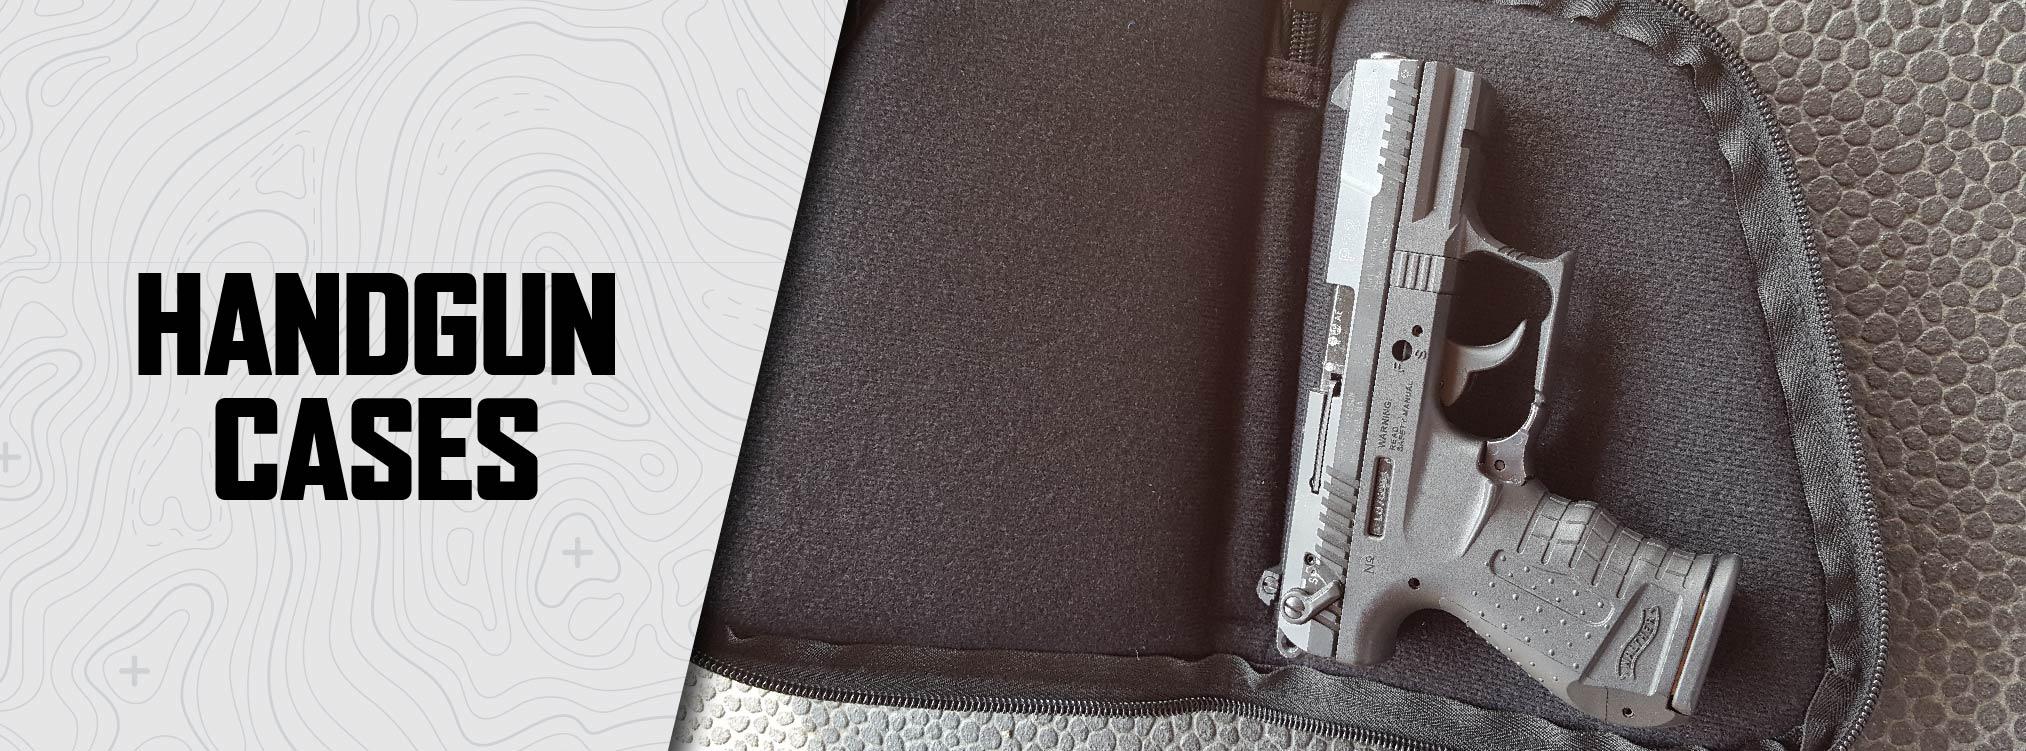 Handgun Cases